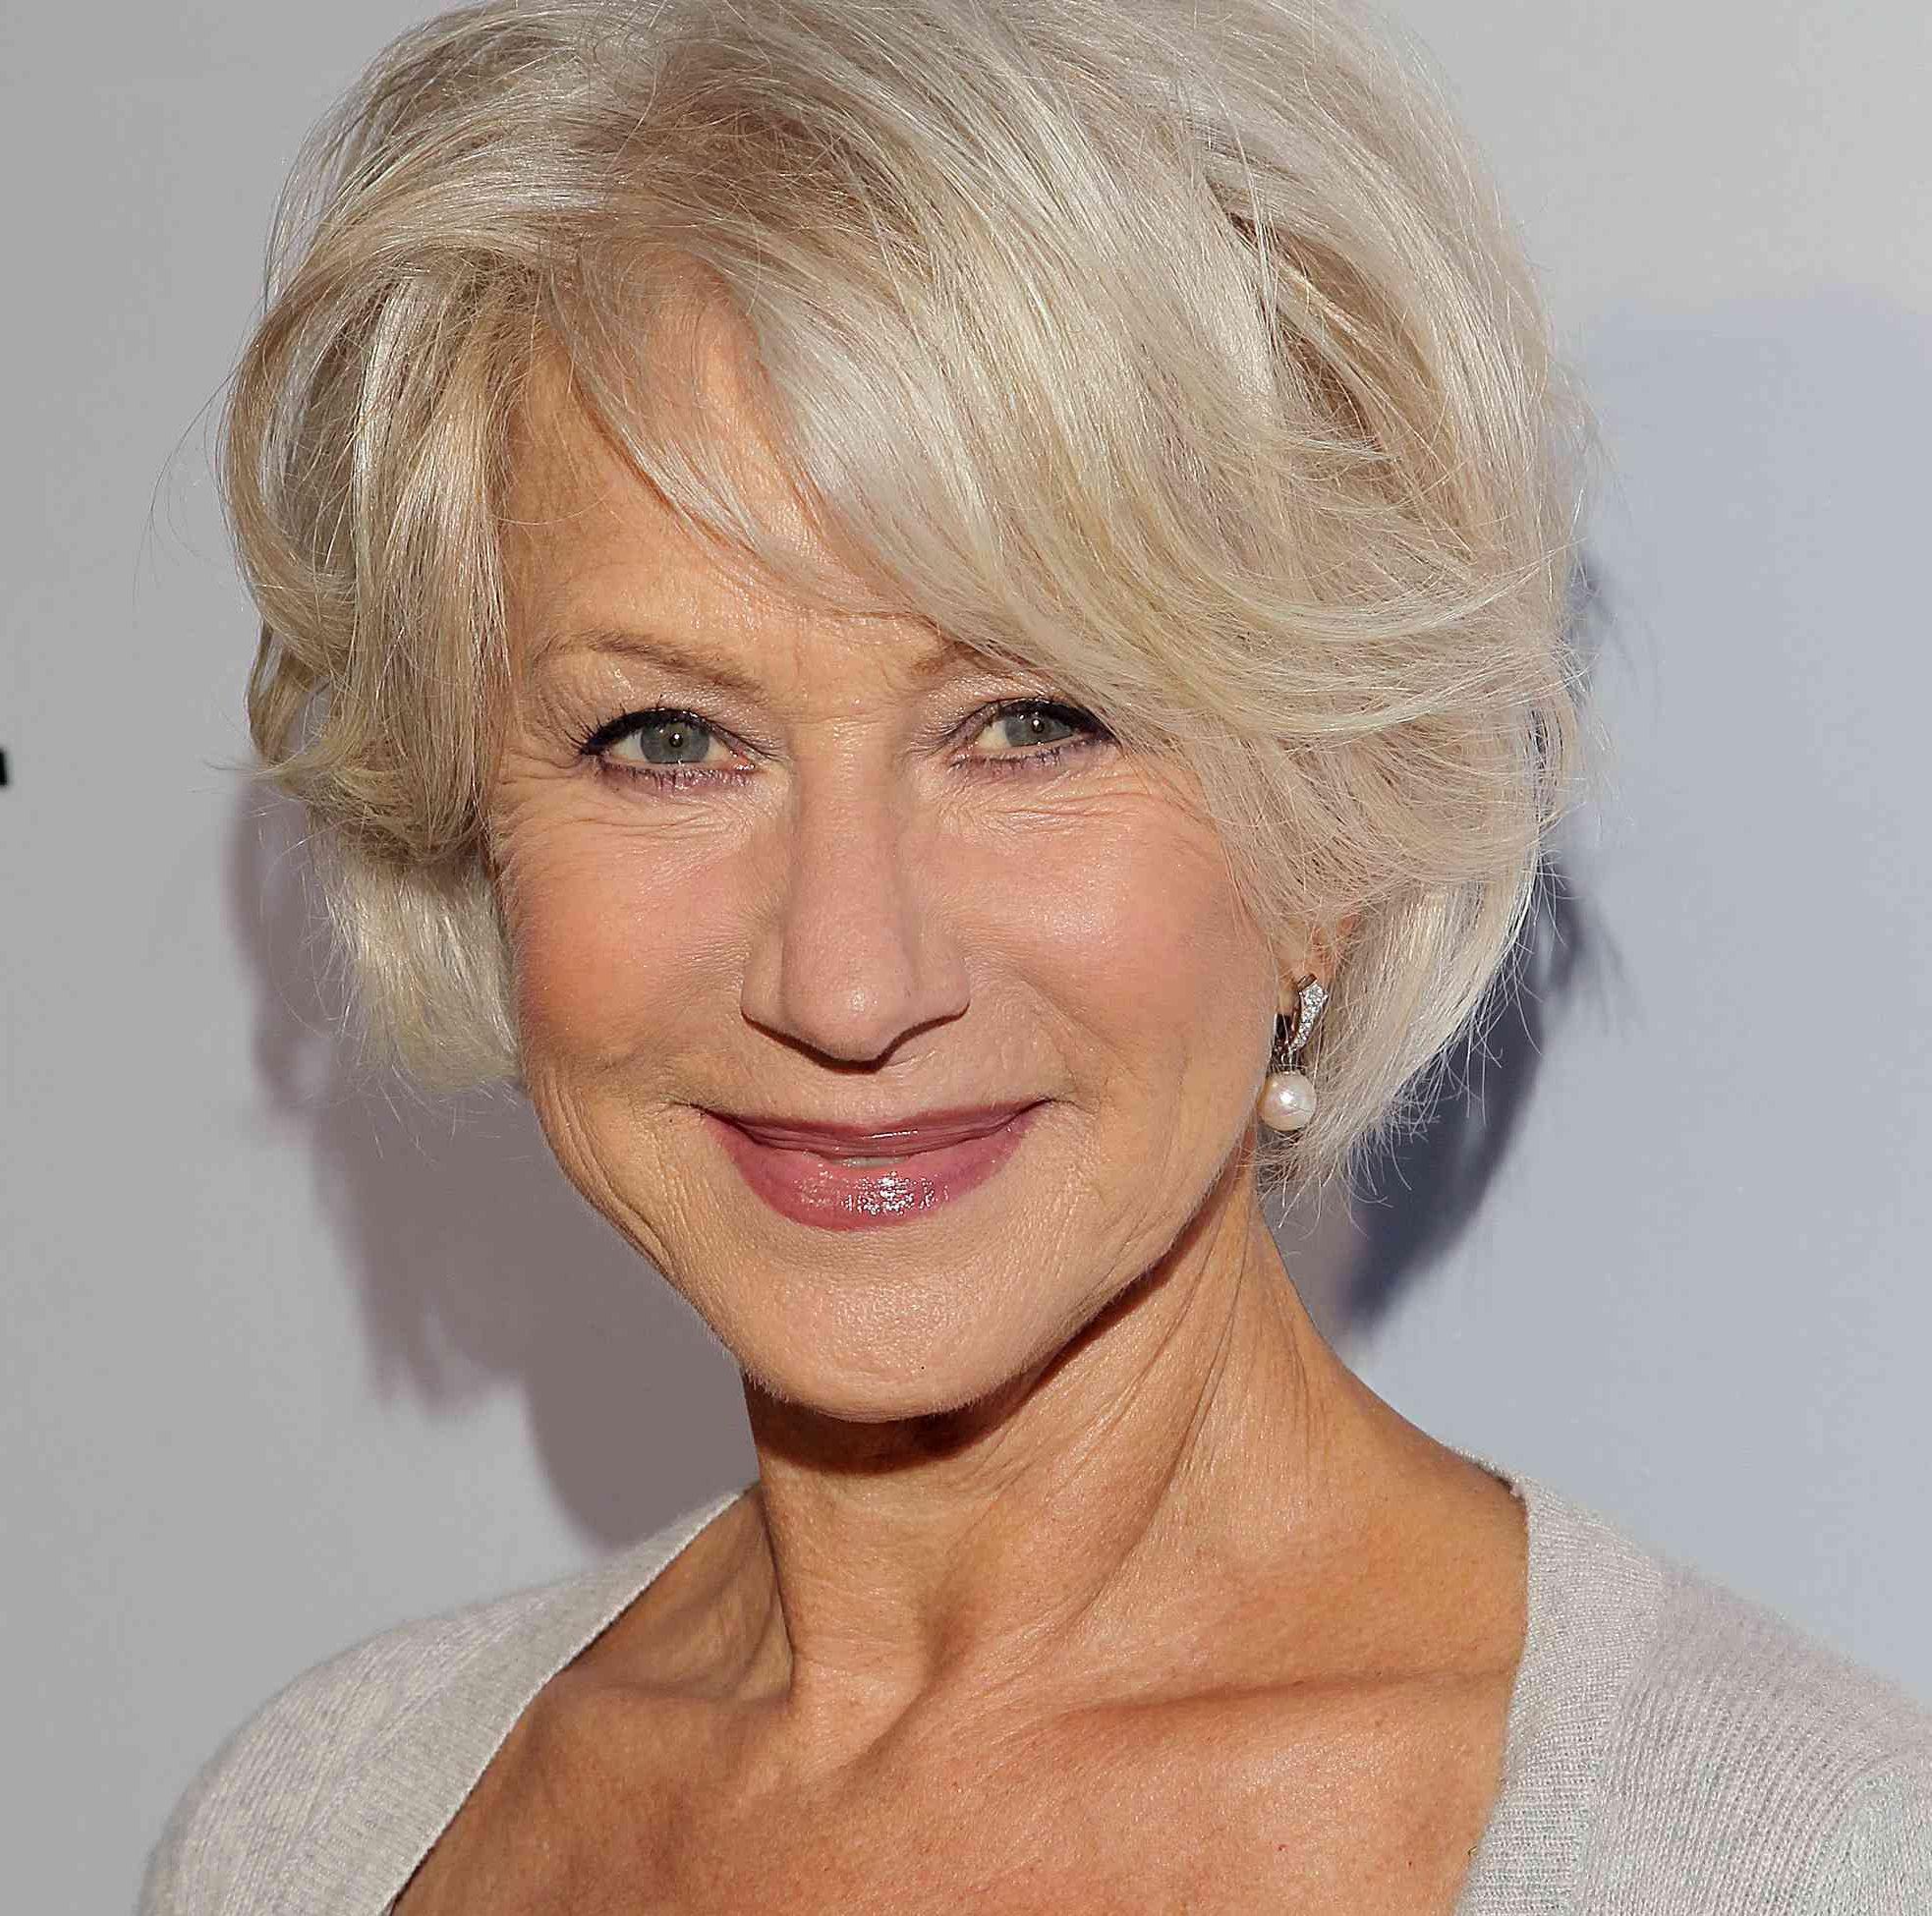 Seniorenfrisuren für Senioren mit dünnem Haar